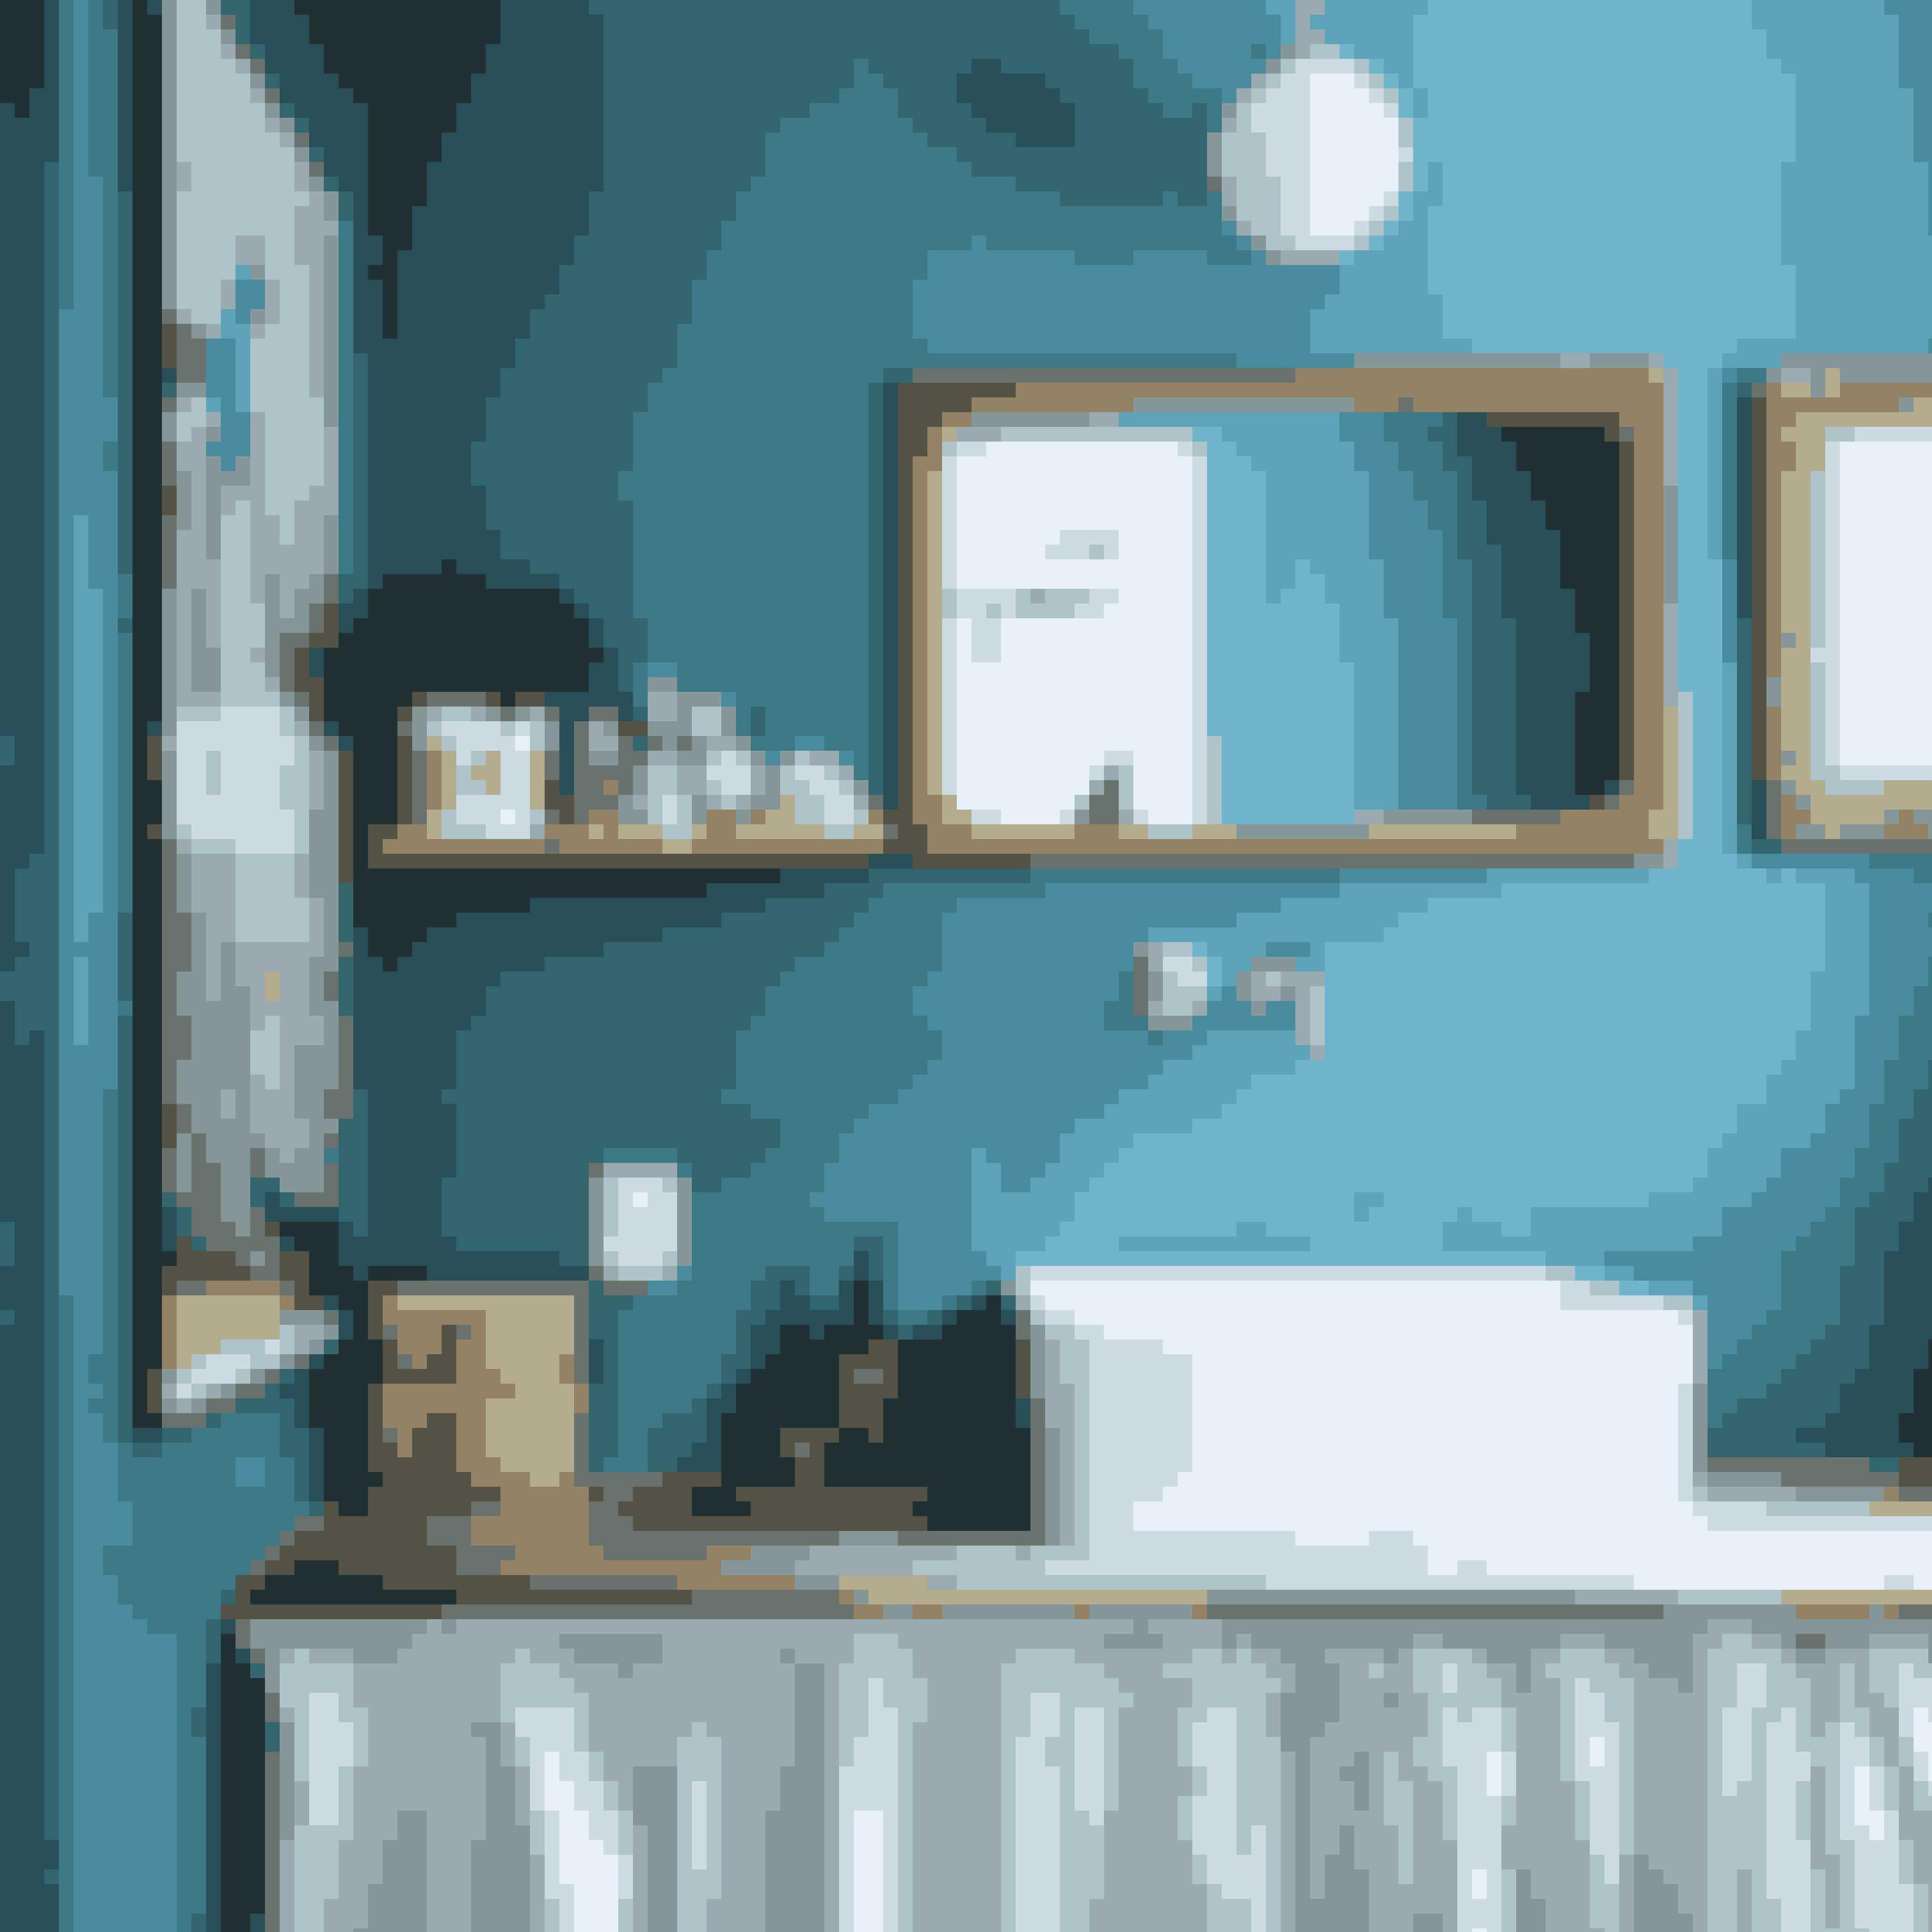 Grib penslen og hent inspiration hos havet når badeværelset skal males. Den turkise farve er retro og cool.